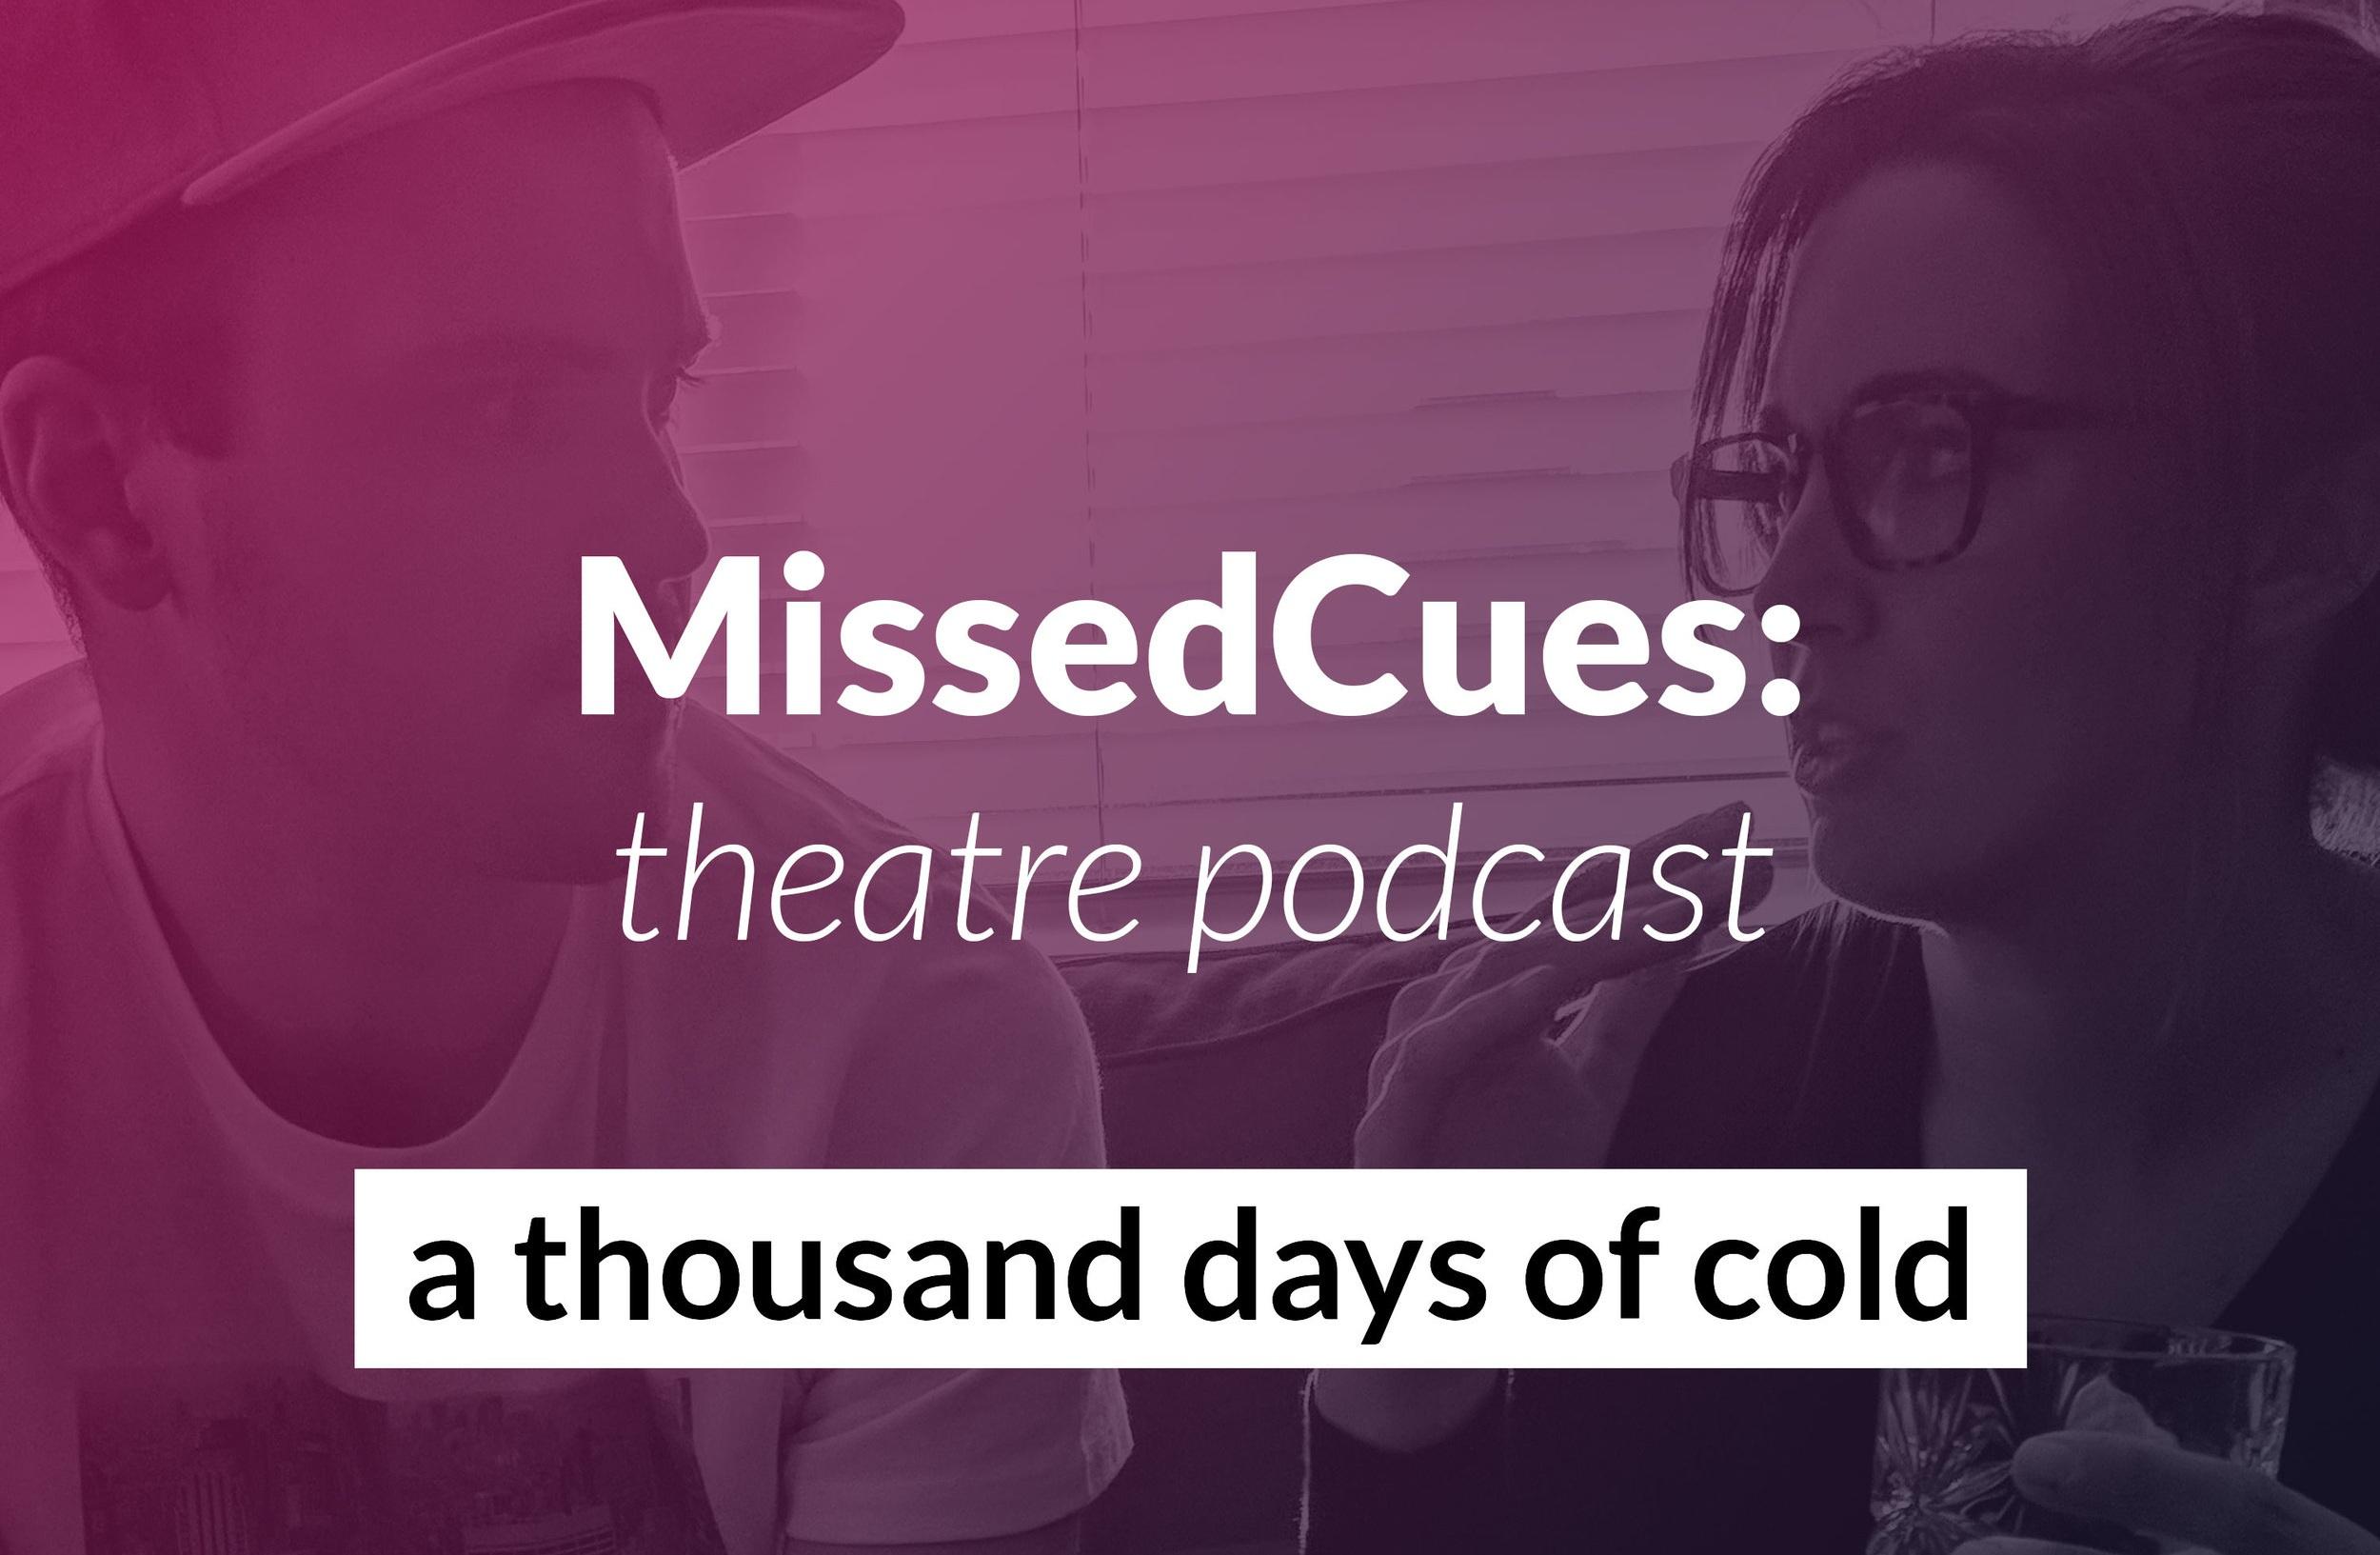 Missed-Cues-Episode4-Artwork.jpg